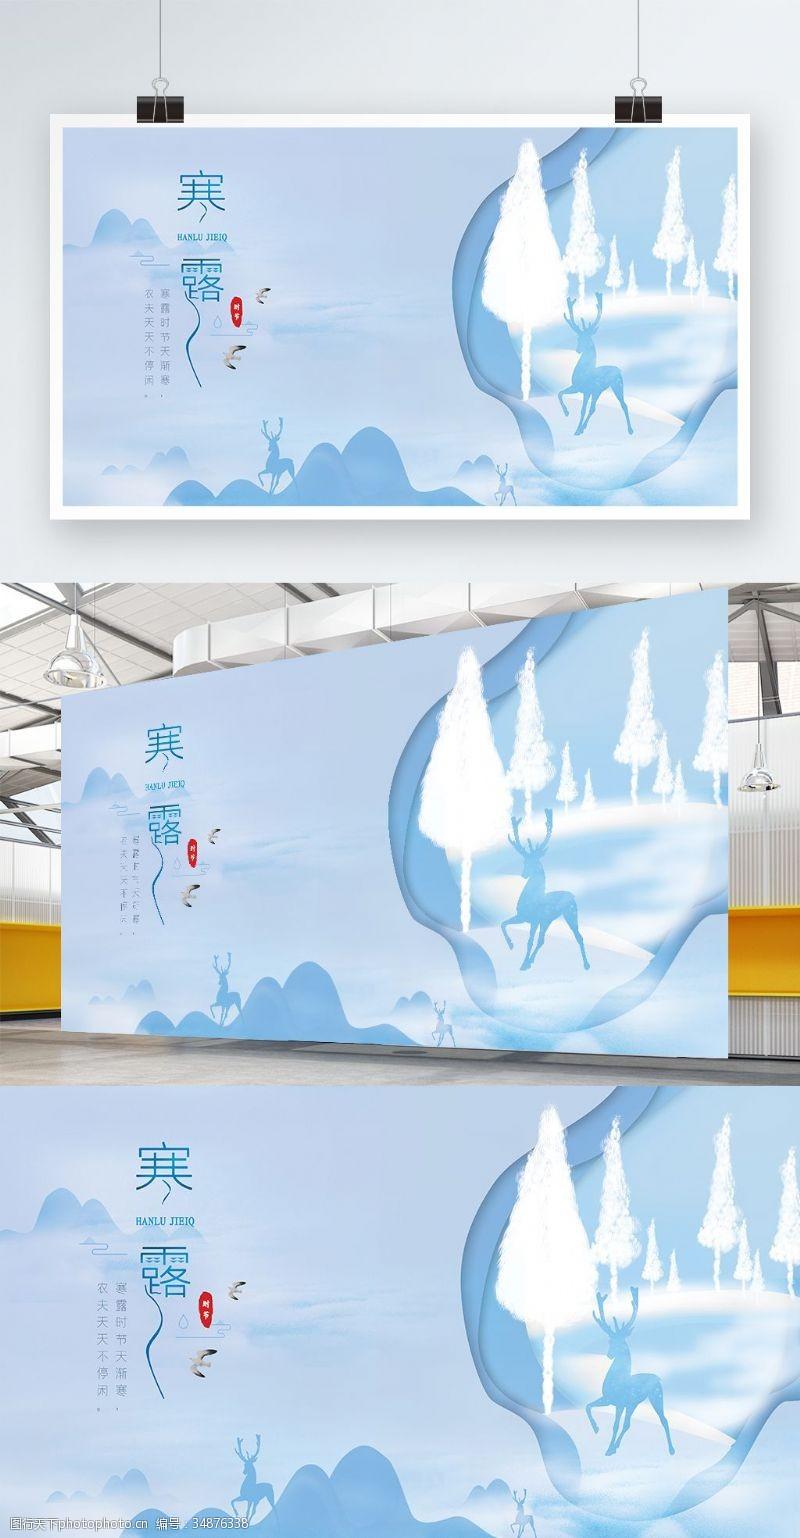 原创展板原创简约小清新传统二十四节气之寒露展板